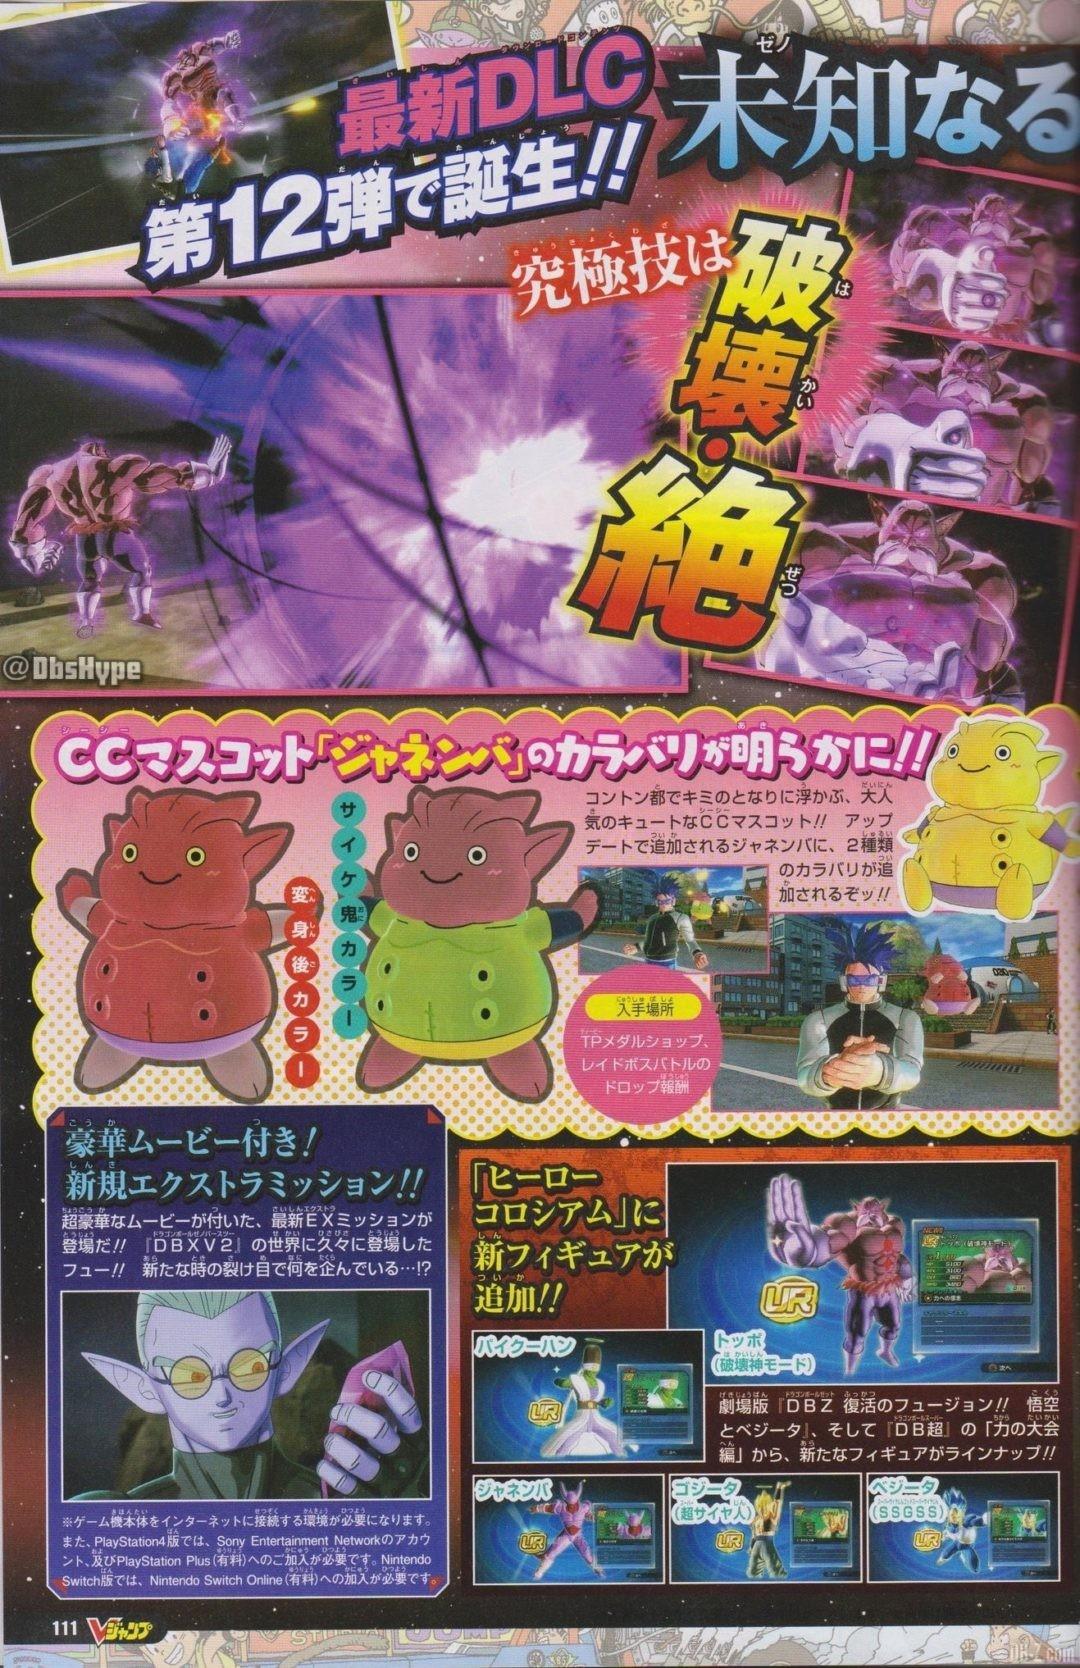 Toppo Dragon Ball Xenoverse 2 Page 2